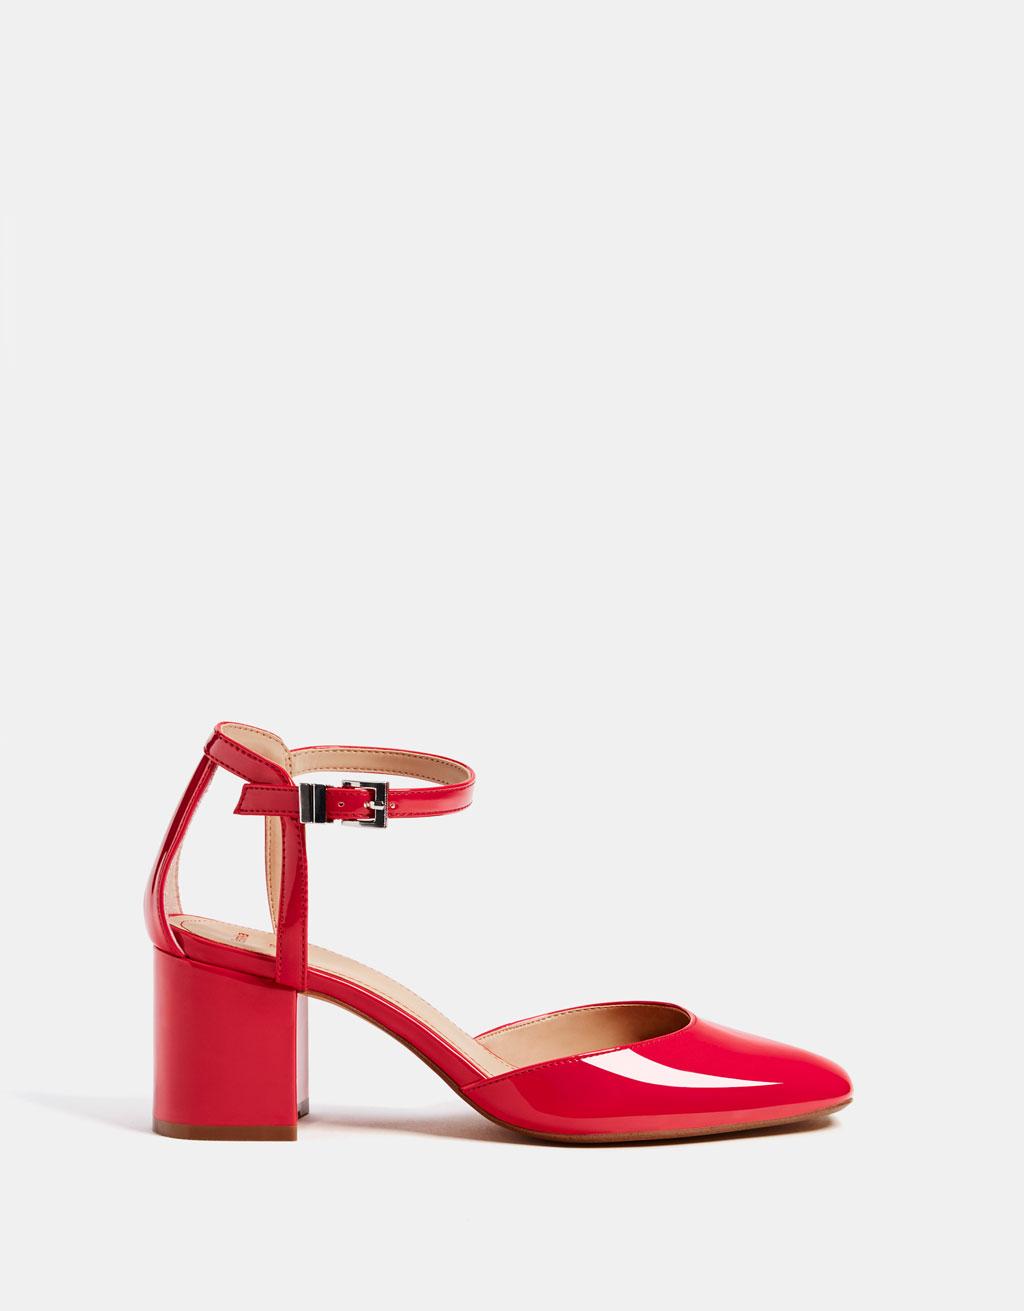 https://www.bershka.com/fr/femme/chaussures/nouveaut%C3%A9s/escarpins-%C3%A0-talon-vernis-rouges-c1010193191p101361007.html?colorId=055